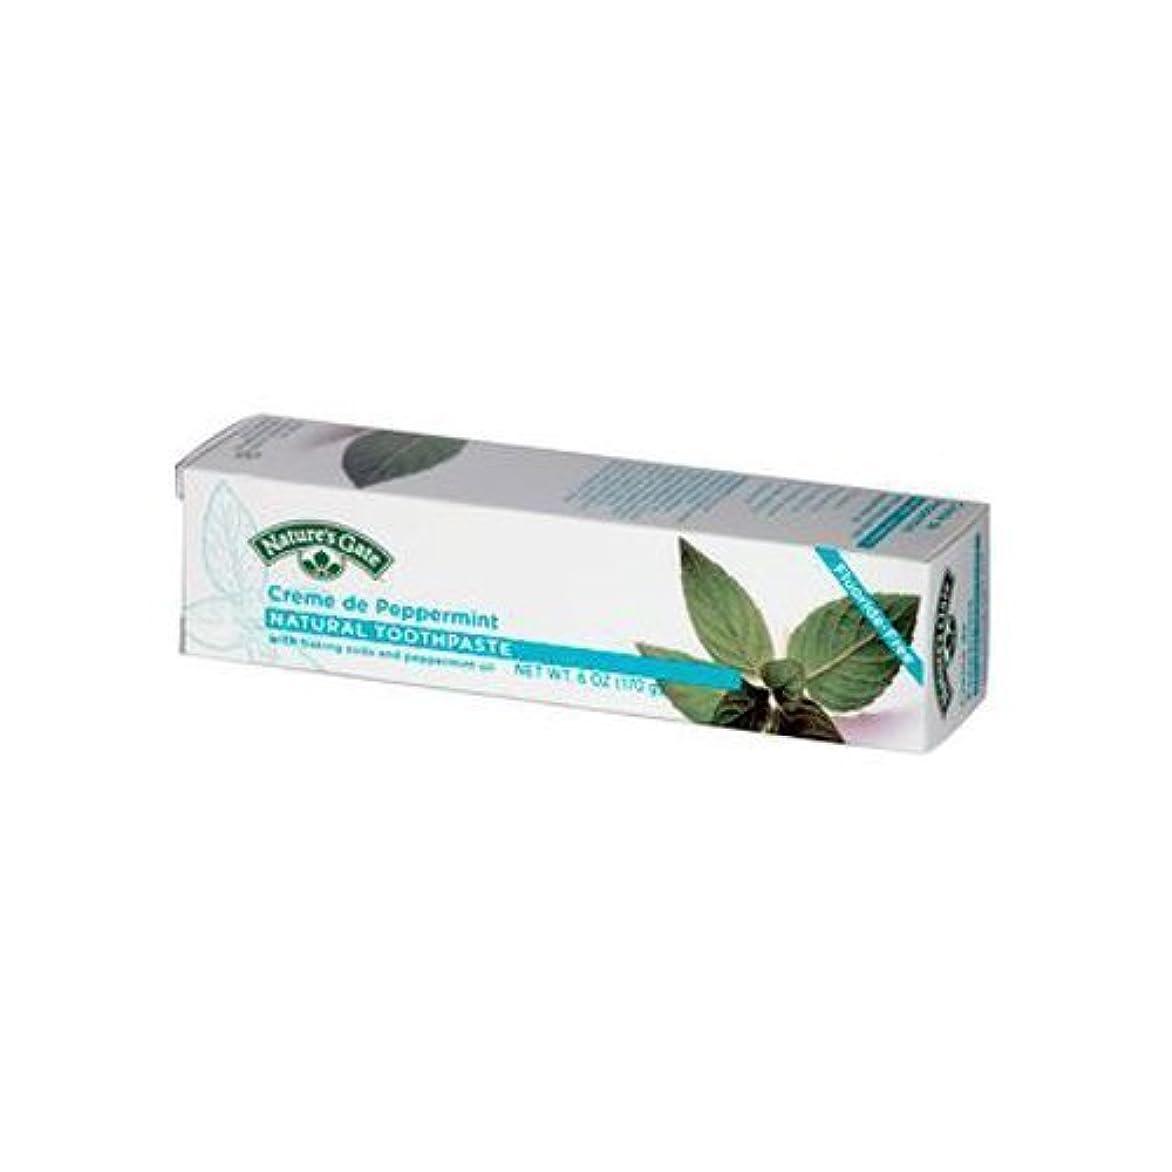 漏斗祈る加速度Natures Gate Natural Toothpaste Cr?me De Peppermint - 6 oz - Case of 6 by NATURE'S GATE [並行輸入品]